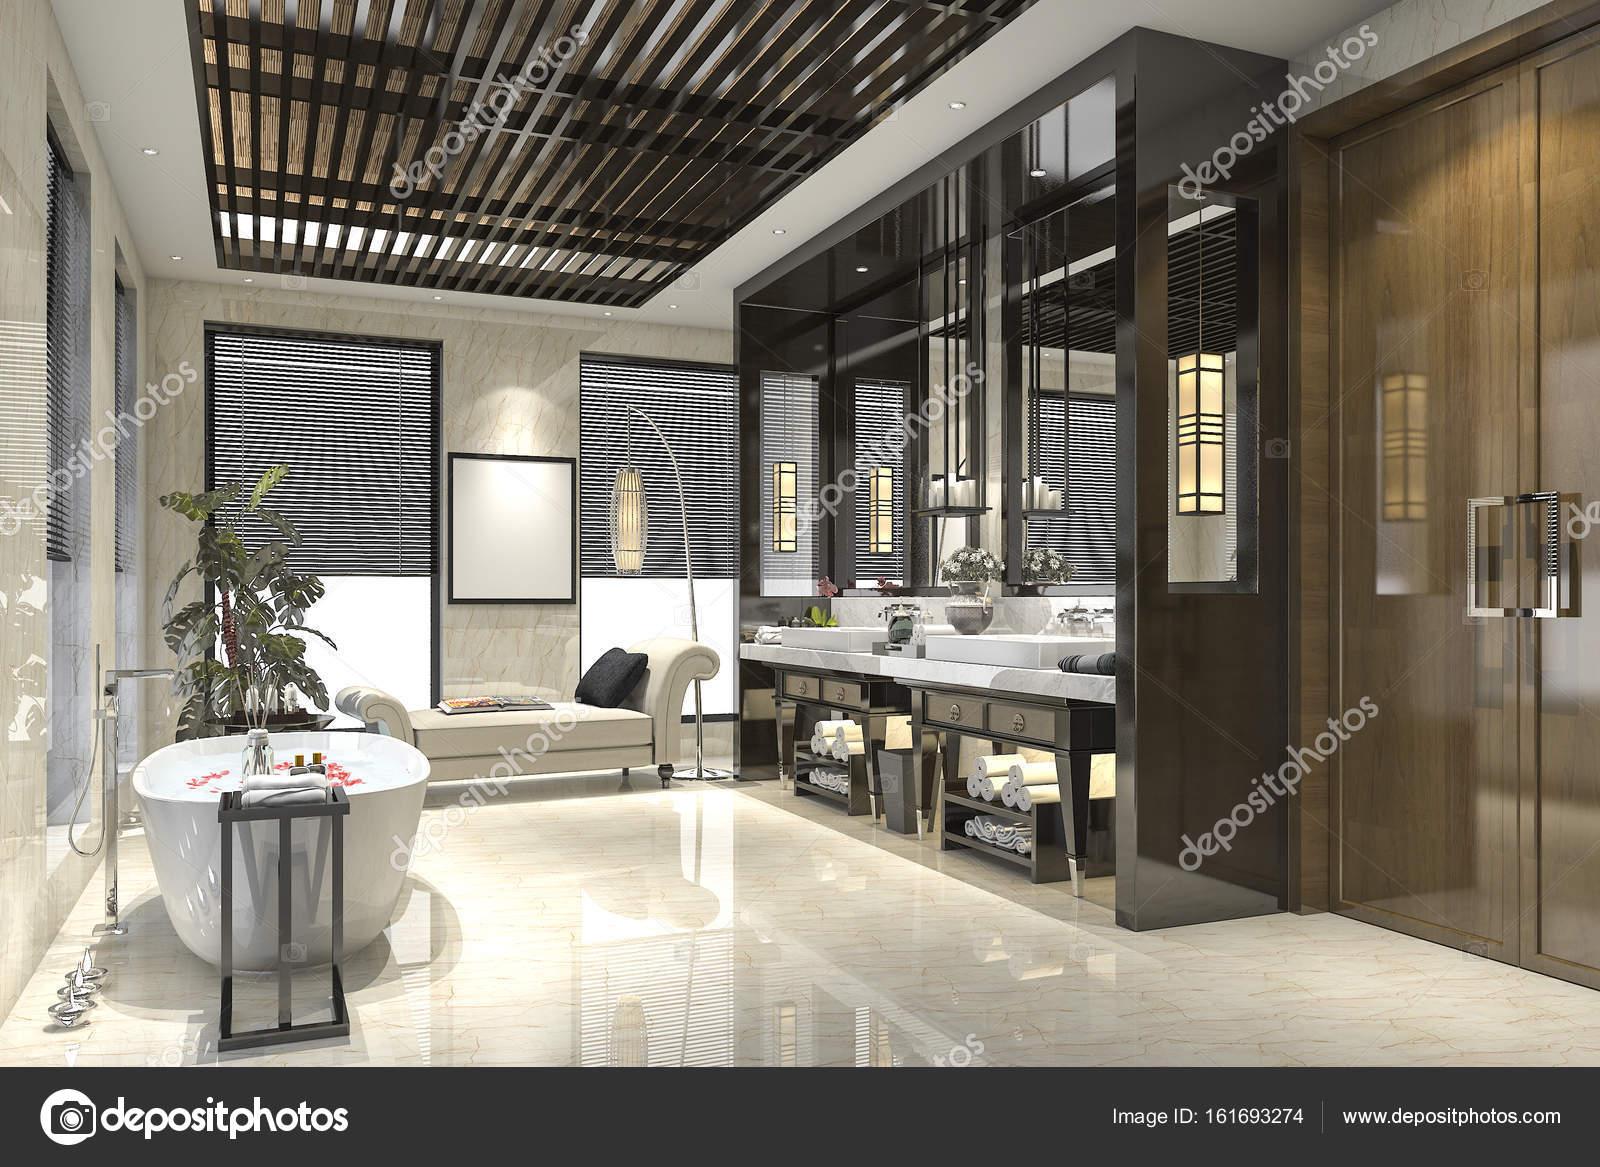 Piastrelle bagno moderno loft con lusso arredamento foto for Arredo bagno stock